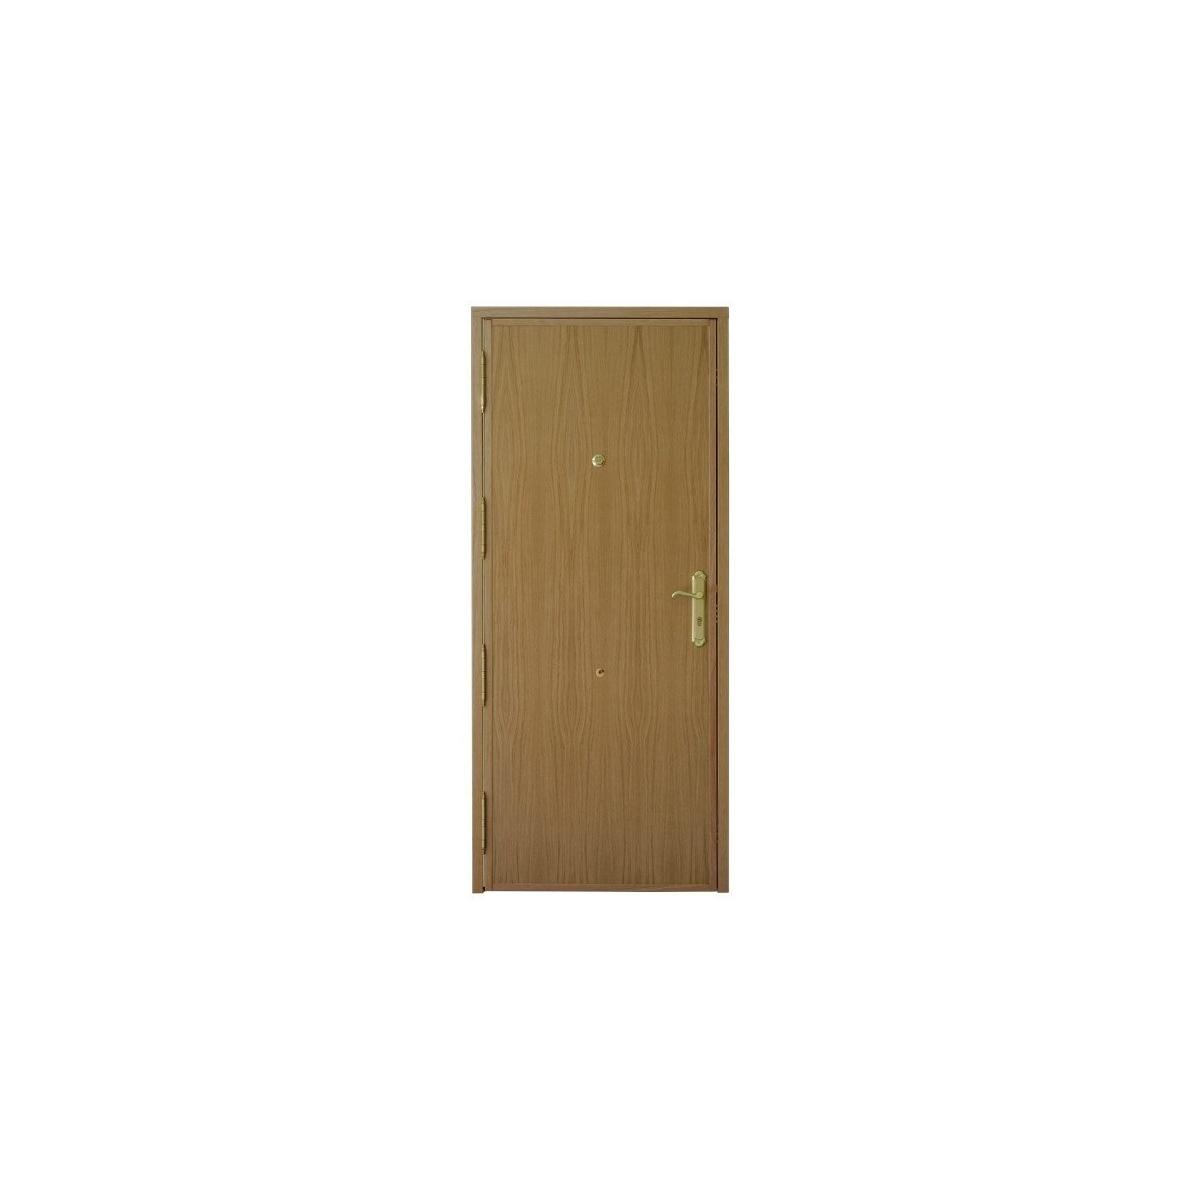 Puerta acorazada Doble Casetón en madera